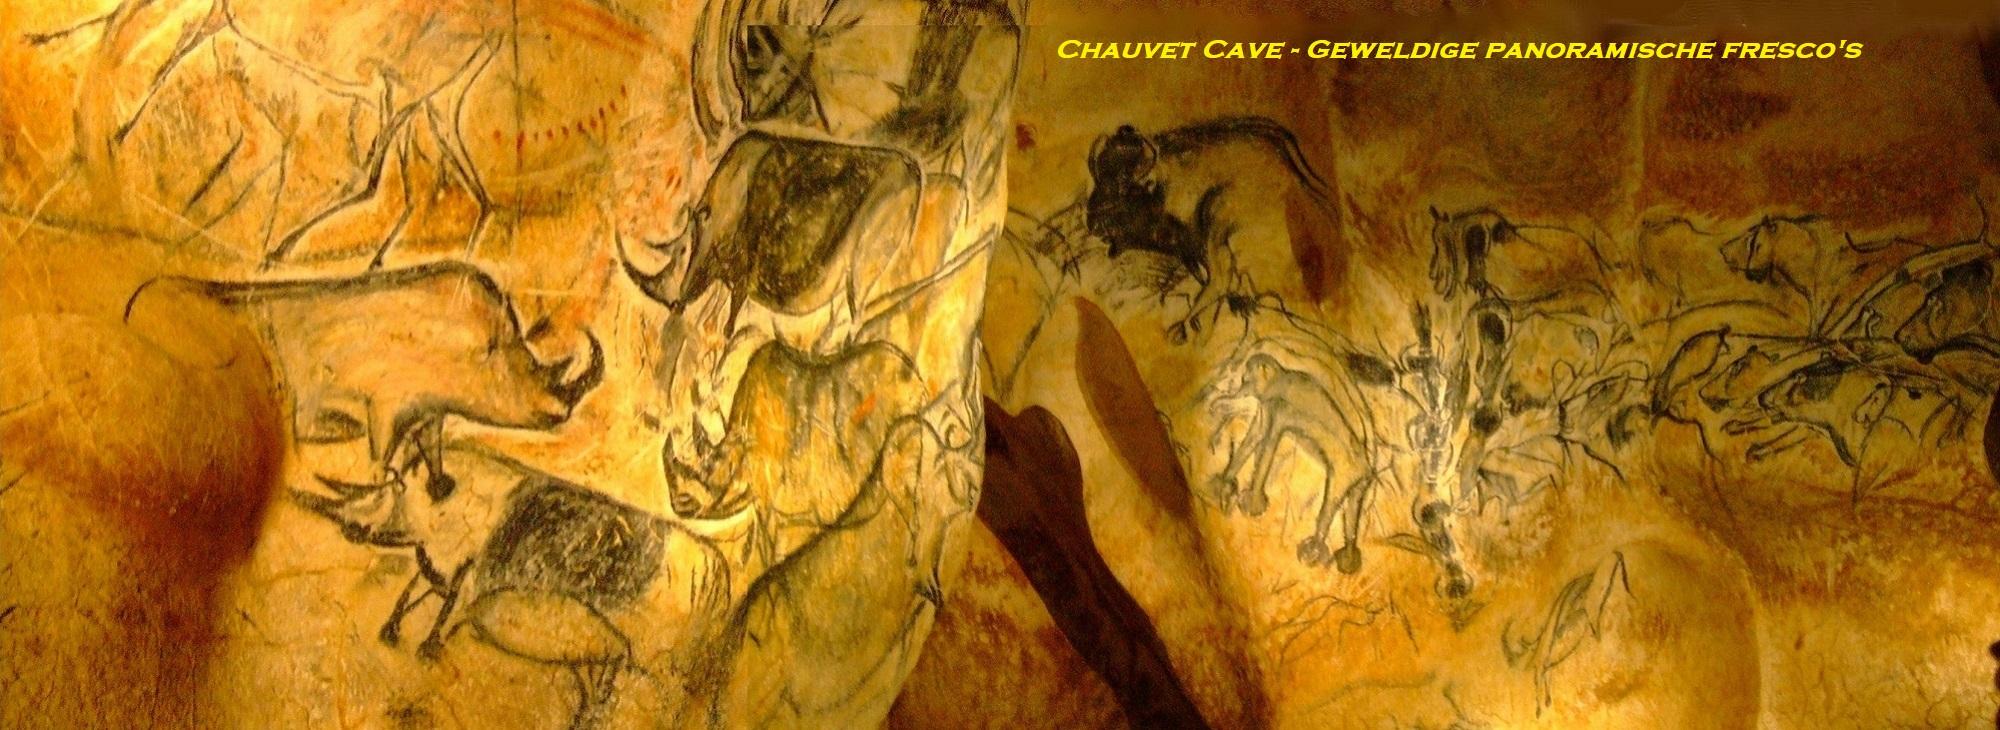 Chauvet Cave - Geweldige panoramische fresco's